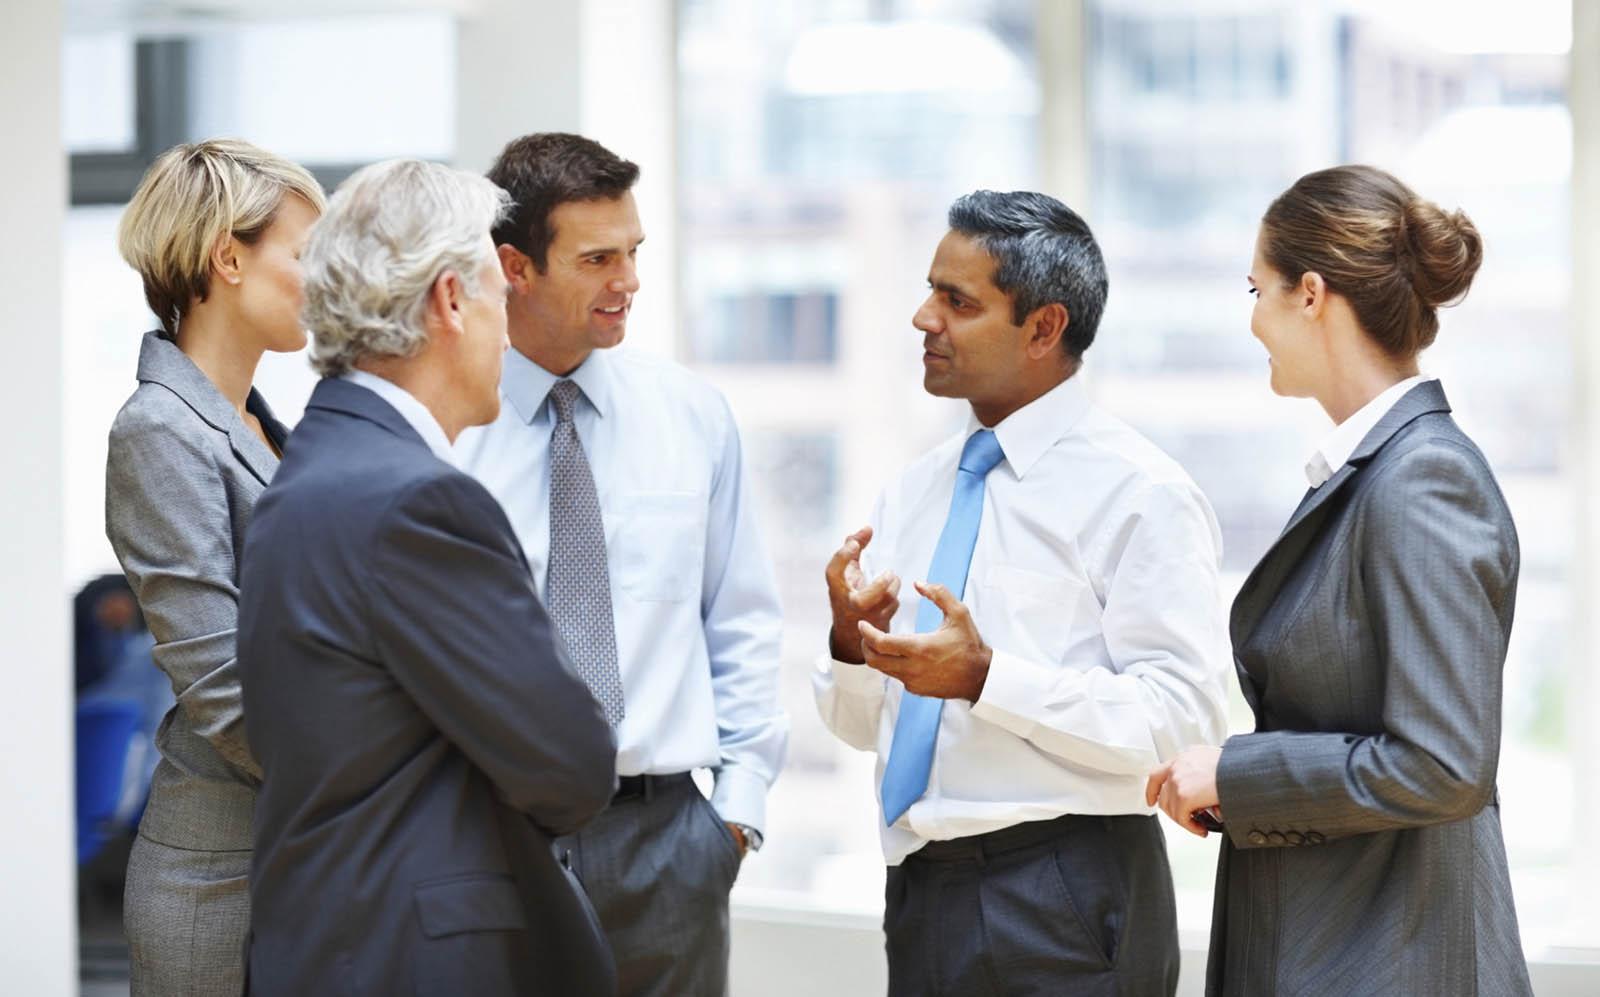 اهمیت برقراری ارتباط مؤثر در محیط کار و راهکارها